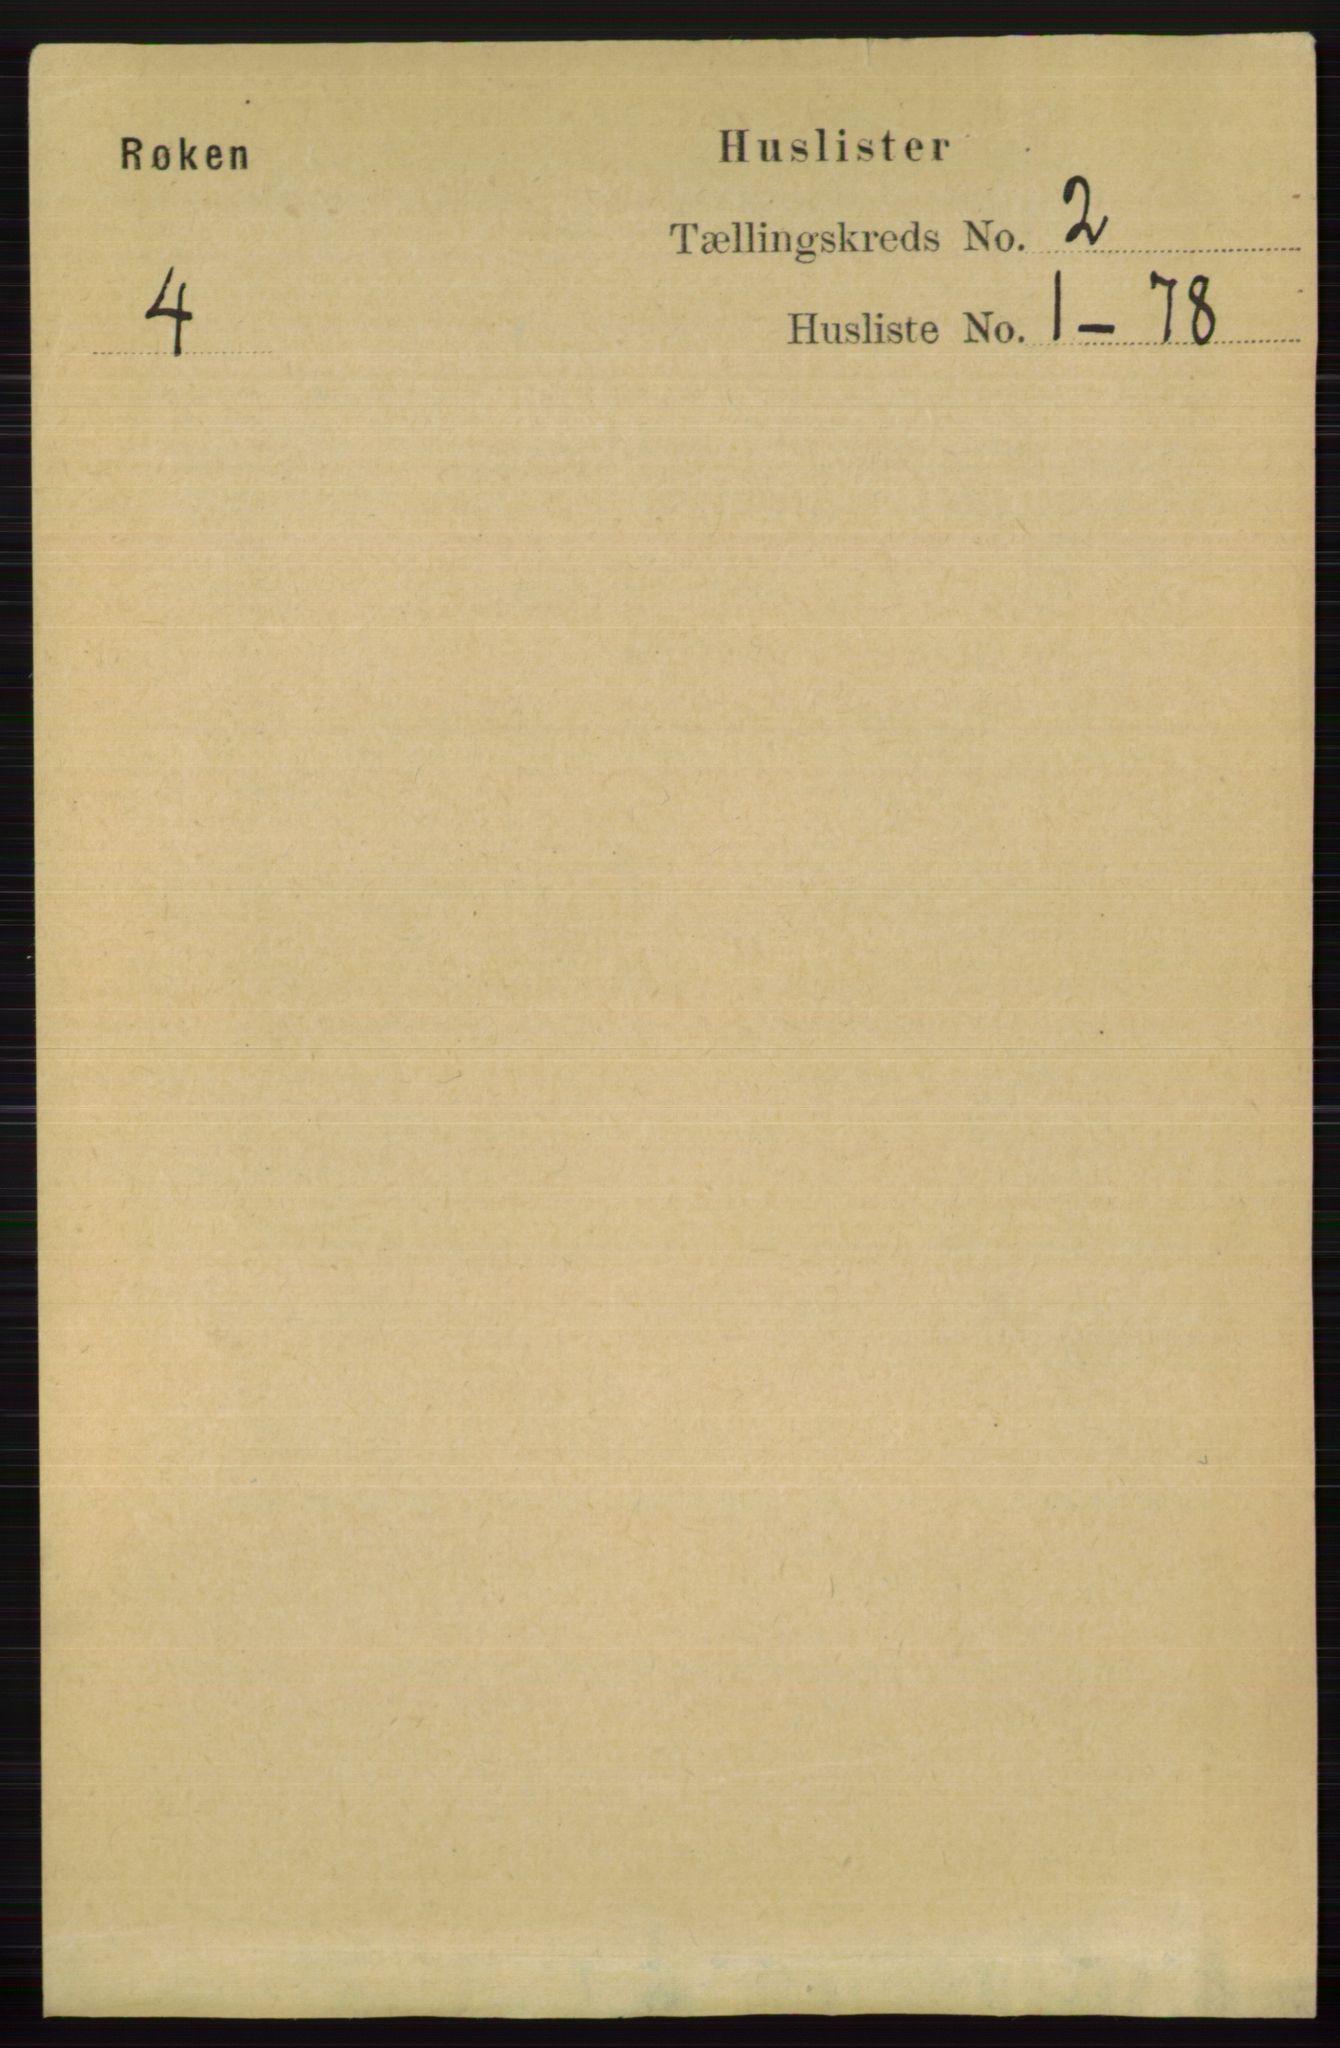 RA, Folketelling 1891 for 0627 Røyken herred, 1891, s. 464